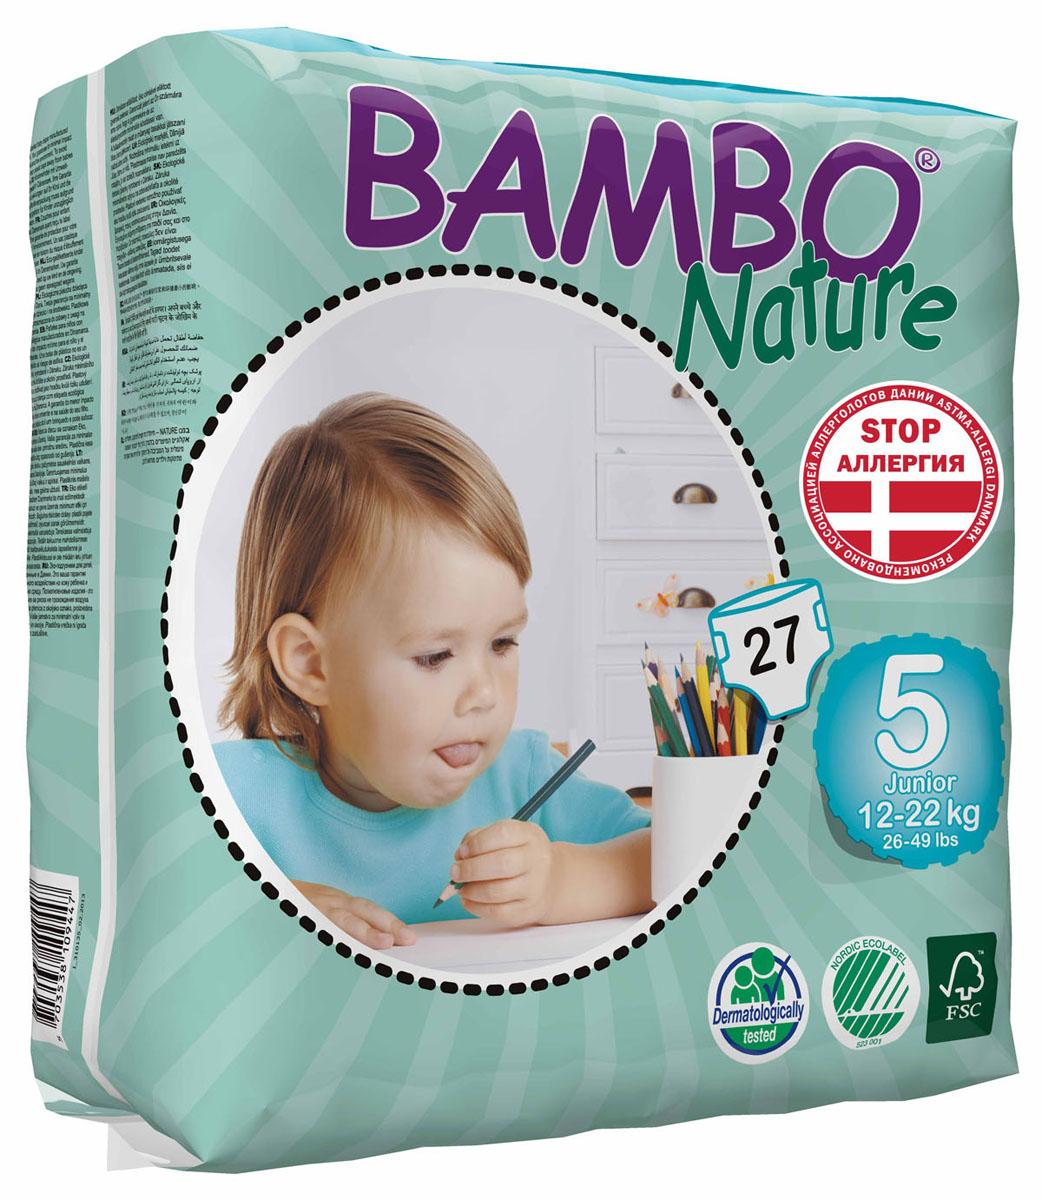 Bambo Nature Подгузники детские одноразовые Junior, 12-22 кг, 27 шт подгузники bambo nature junior 12 22кг 54шт 310145